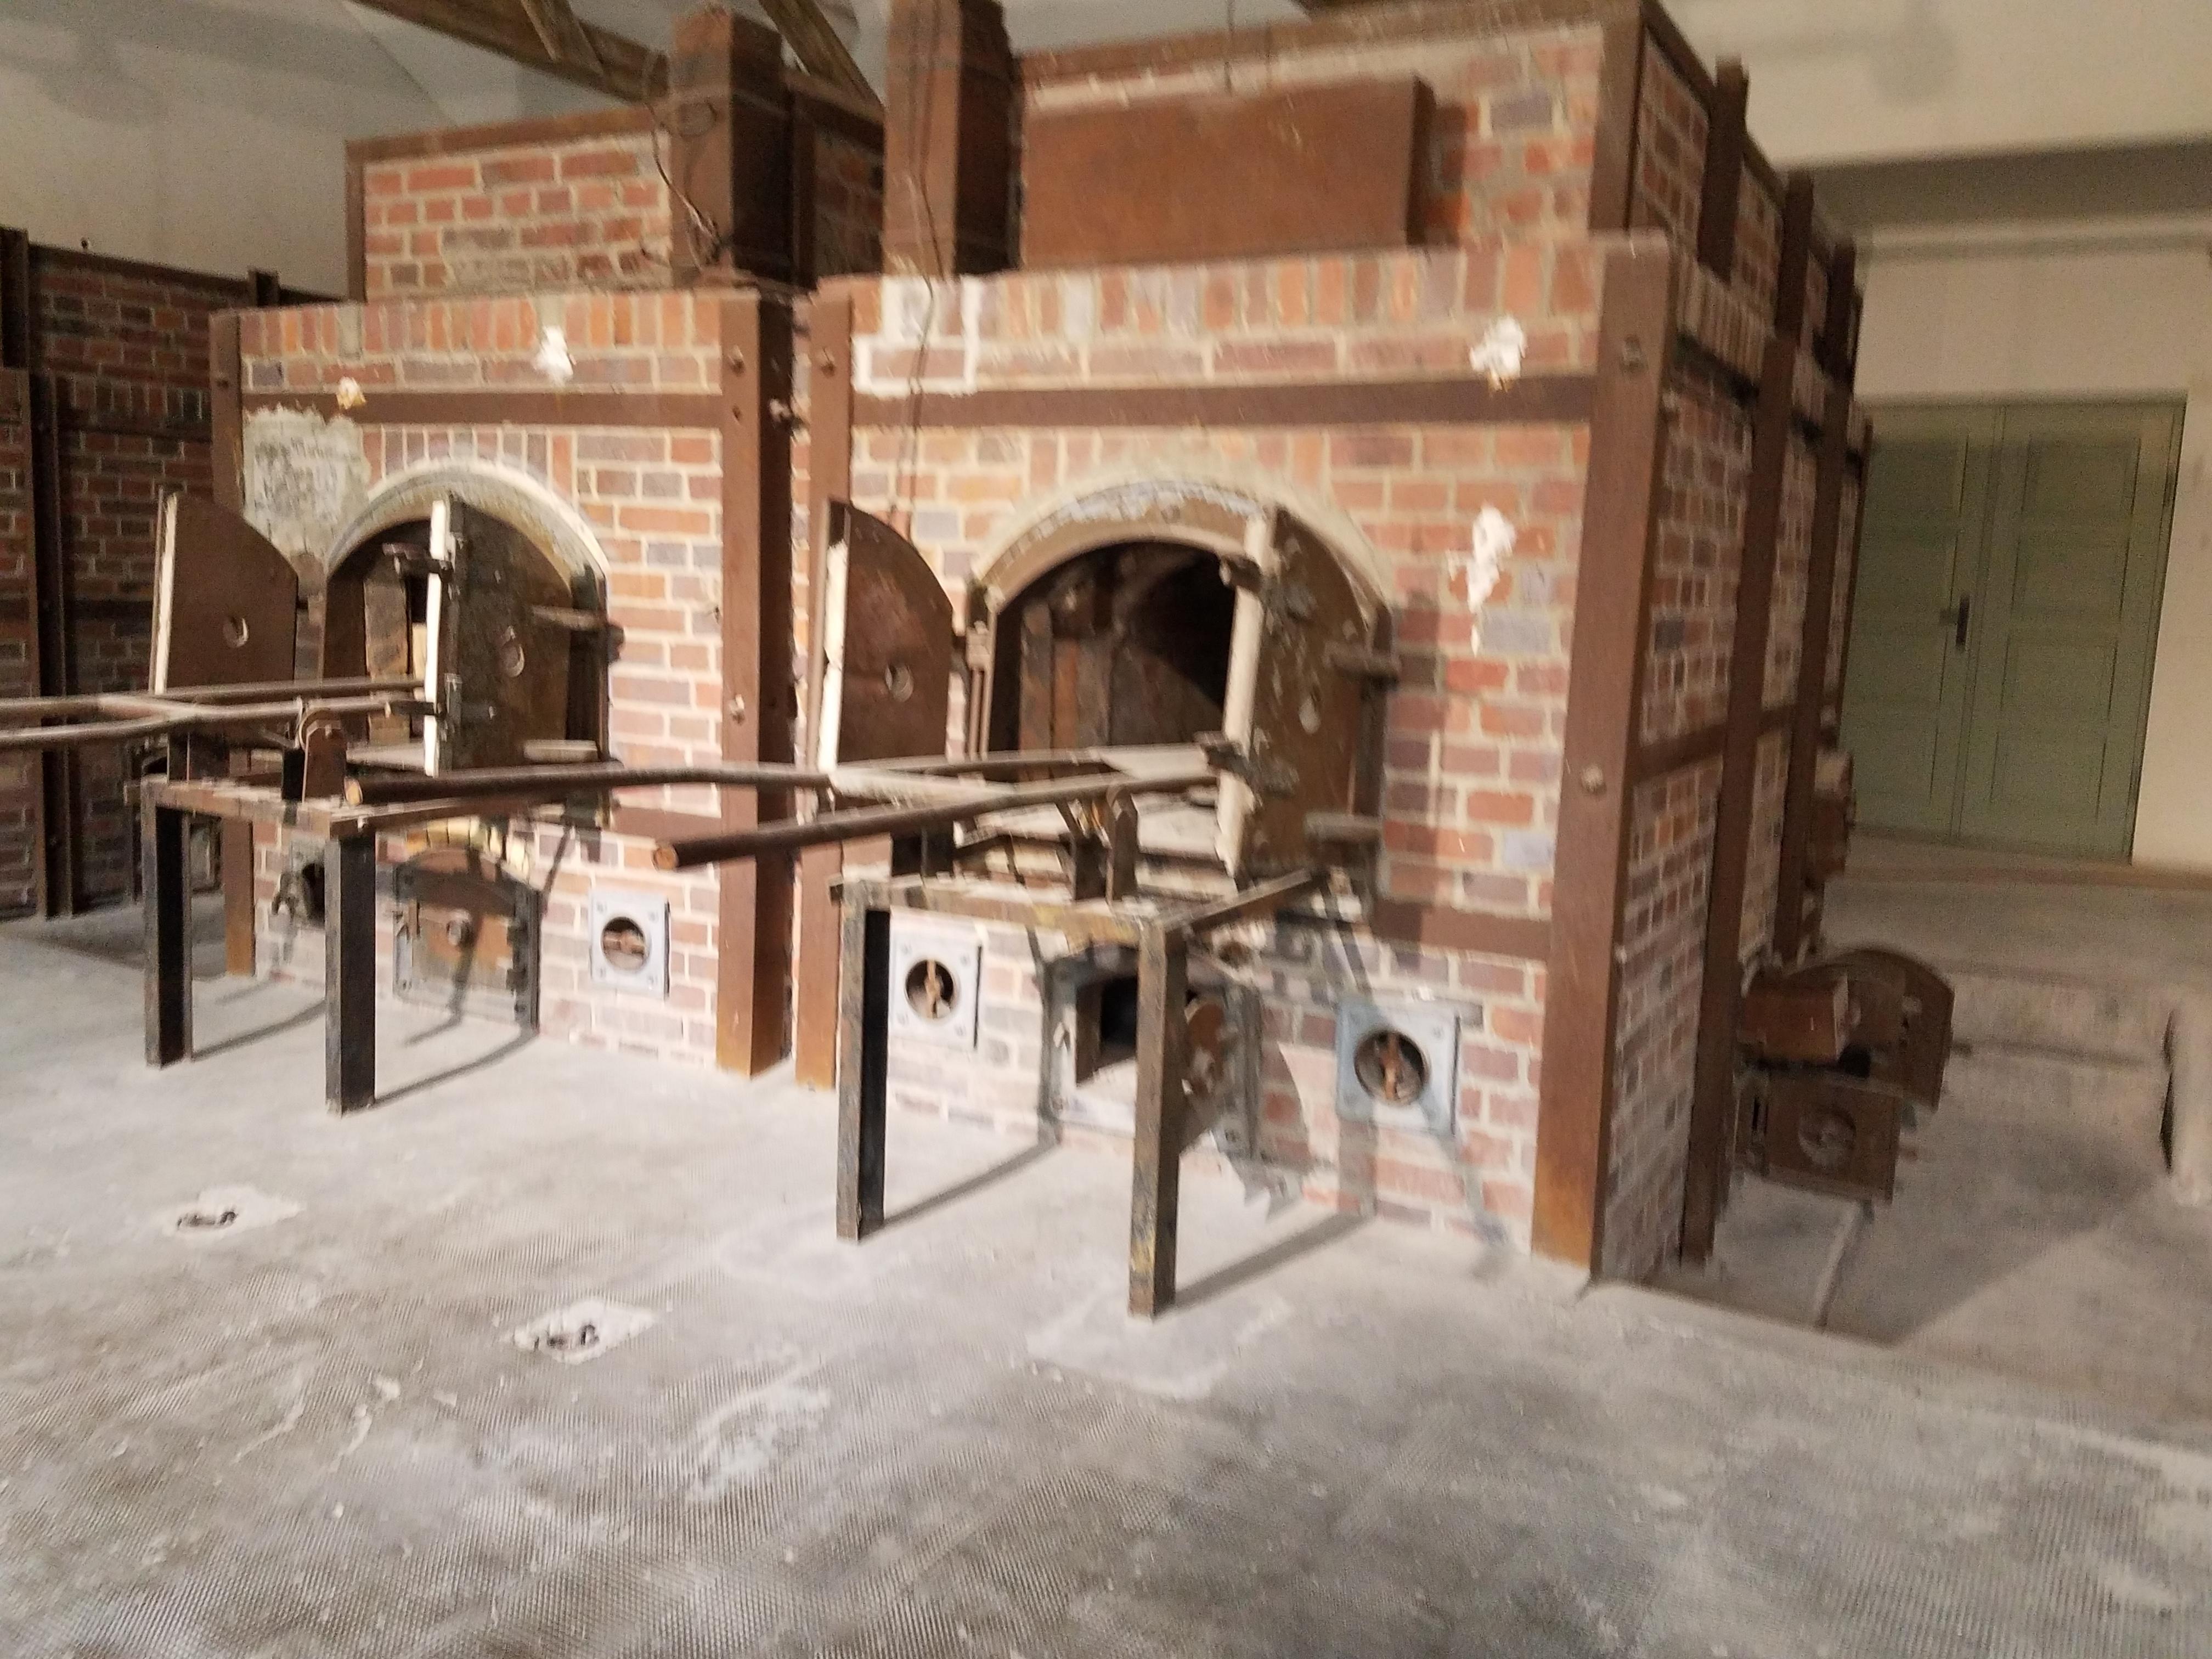 Crematorium next to gas chamber